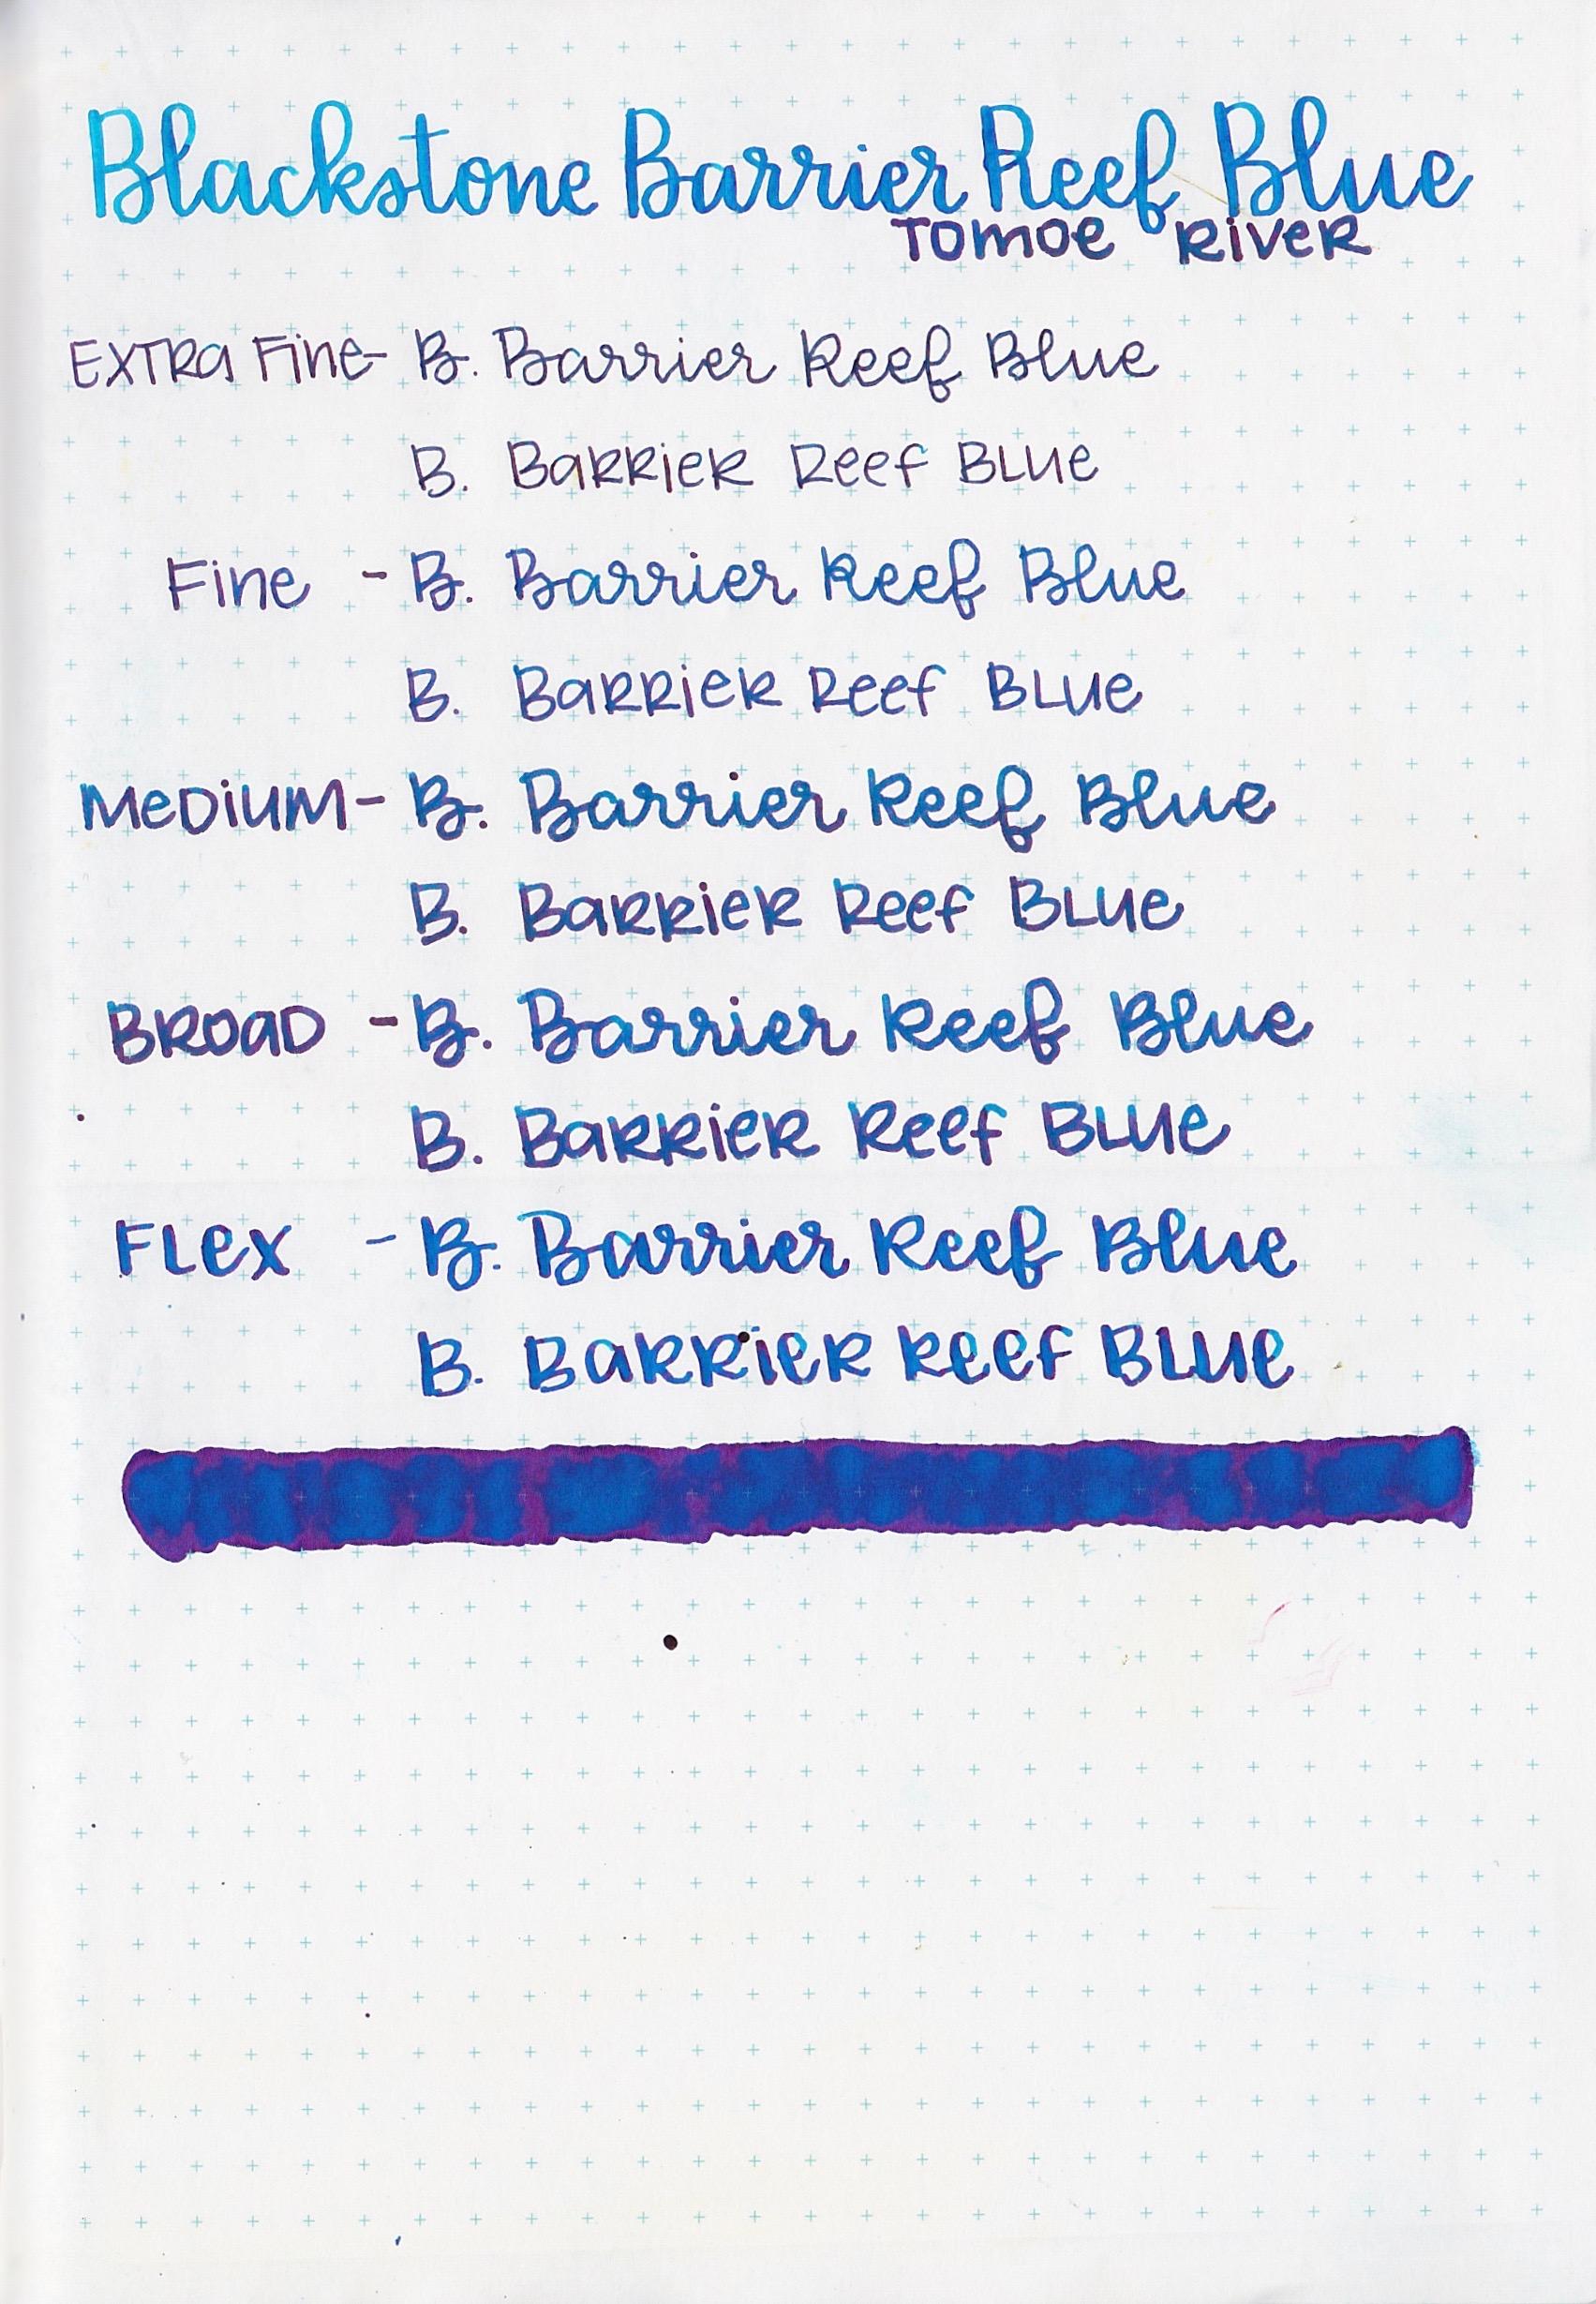 BSBarrierReefBlue - 6.jpg